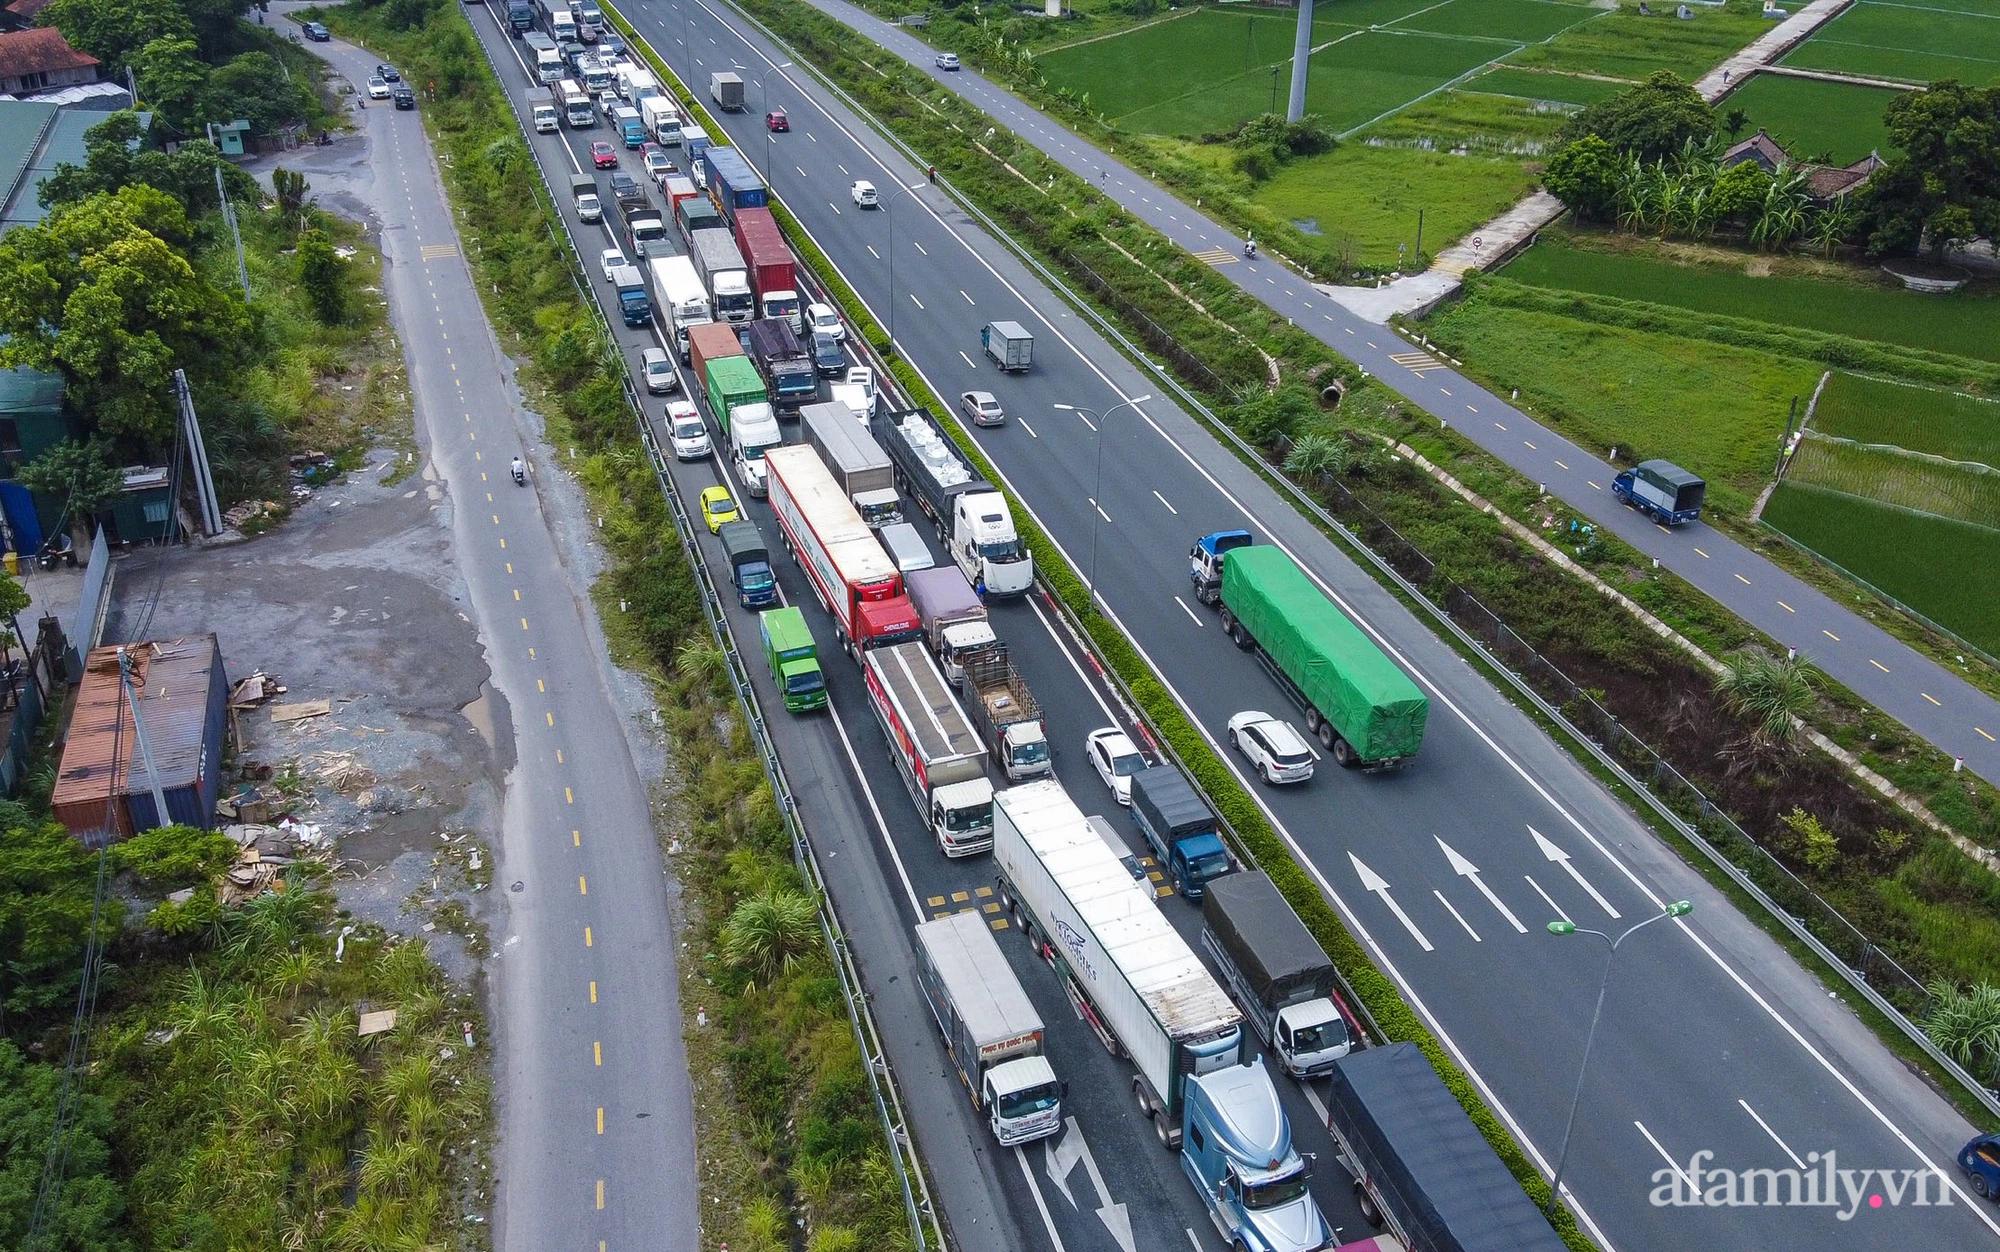 """Ngày đầu cách ly xã hội, 100% phương tiện tại 22 chốt kiểm soát đều phải quay đầu, các xe không thuộc """"luồng xanh"""" cần tránh lộ trình đi qua Hà Nội - Ảnh 12."""